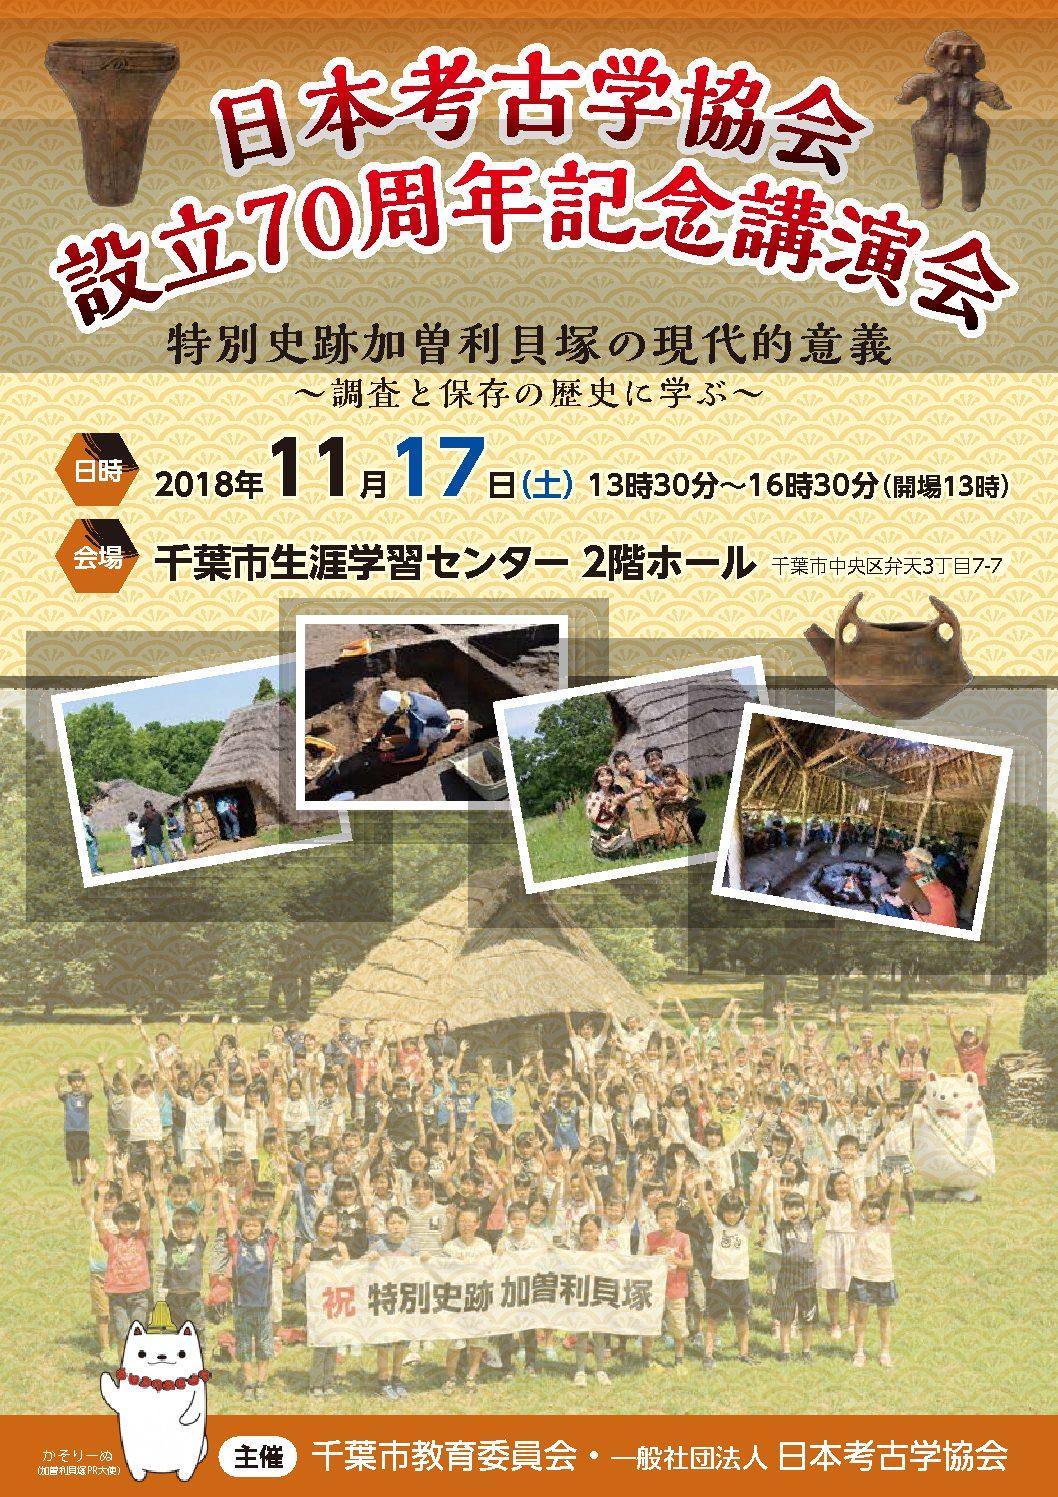 日本考古学協会設立70周年記念講演会「特別史跡加曽利貝塚の現代的意義―調査と保存の歴史に学ぶ―」を開催します